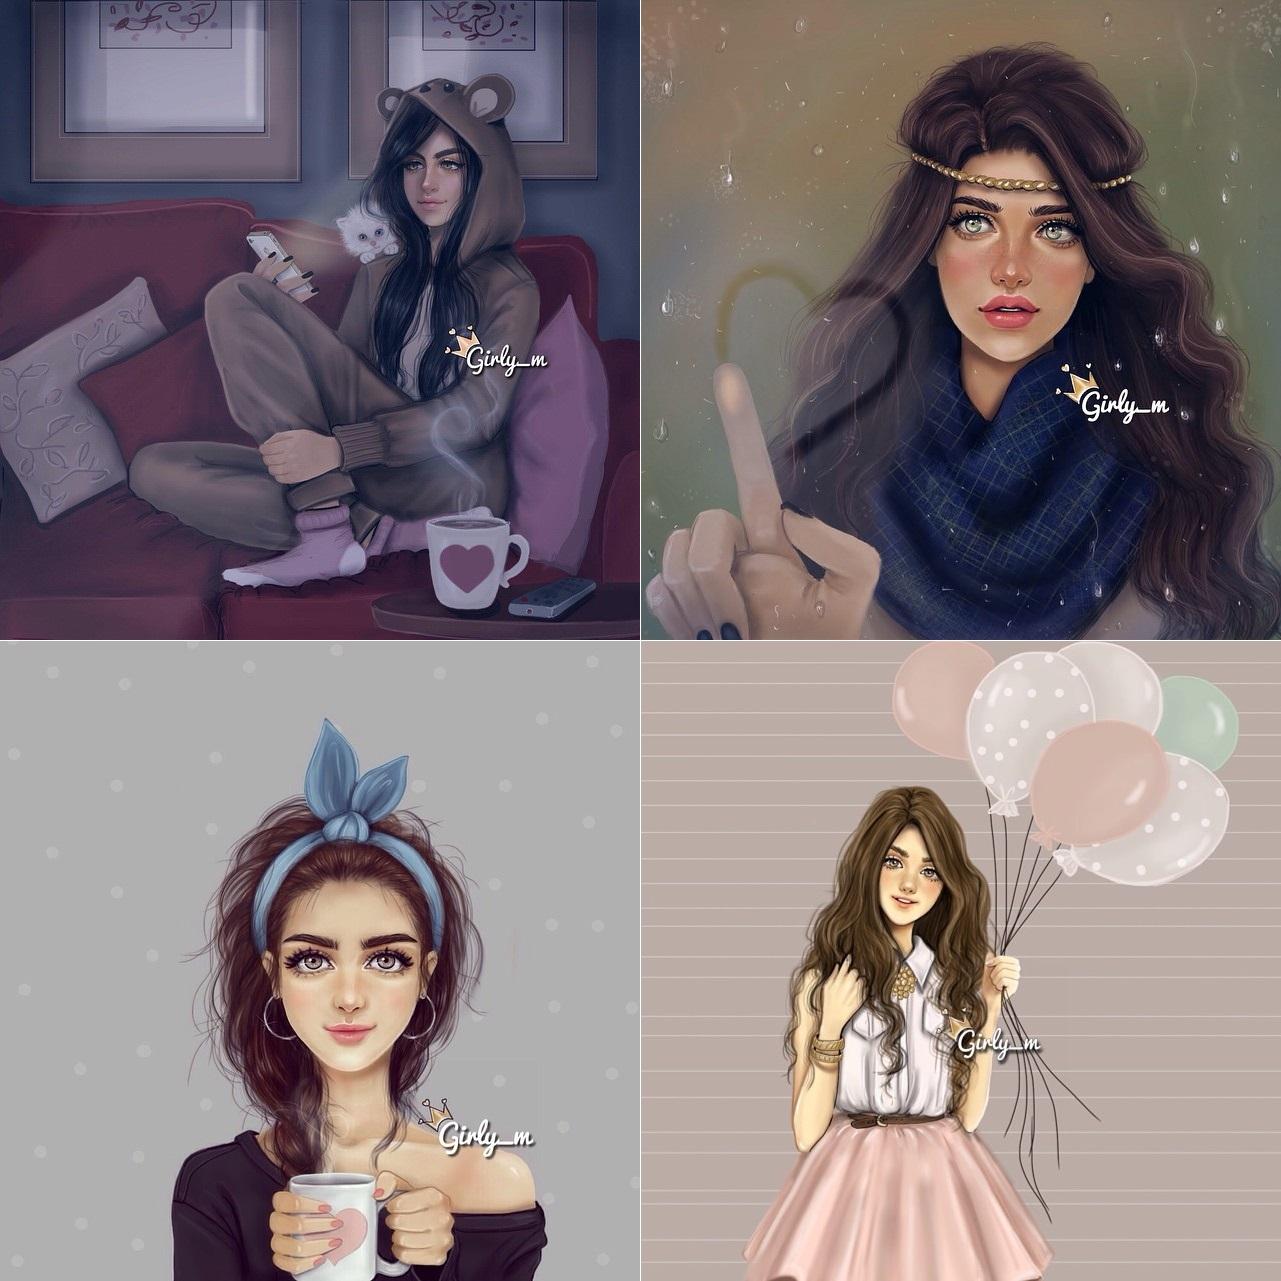 ilustração-girly_m9